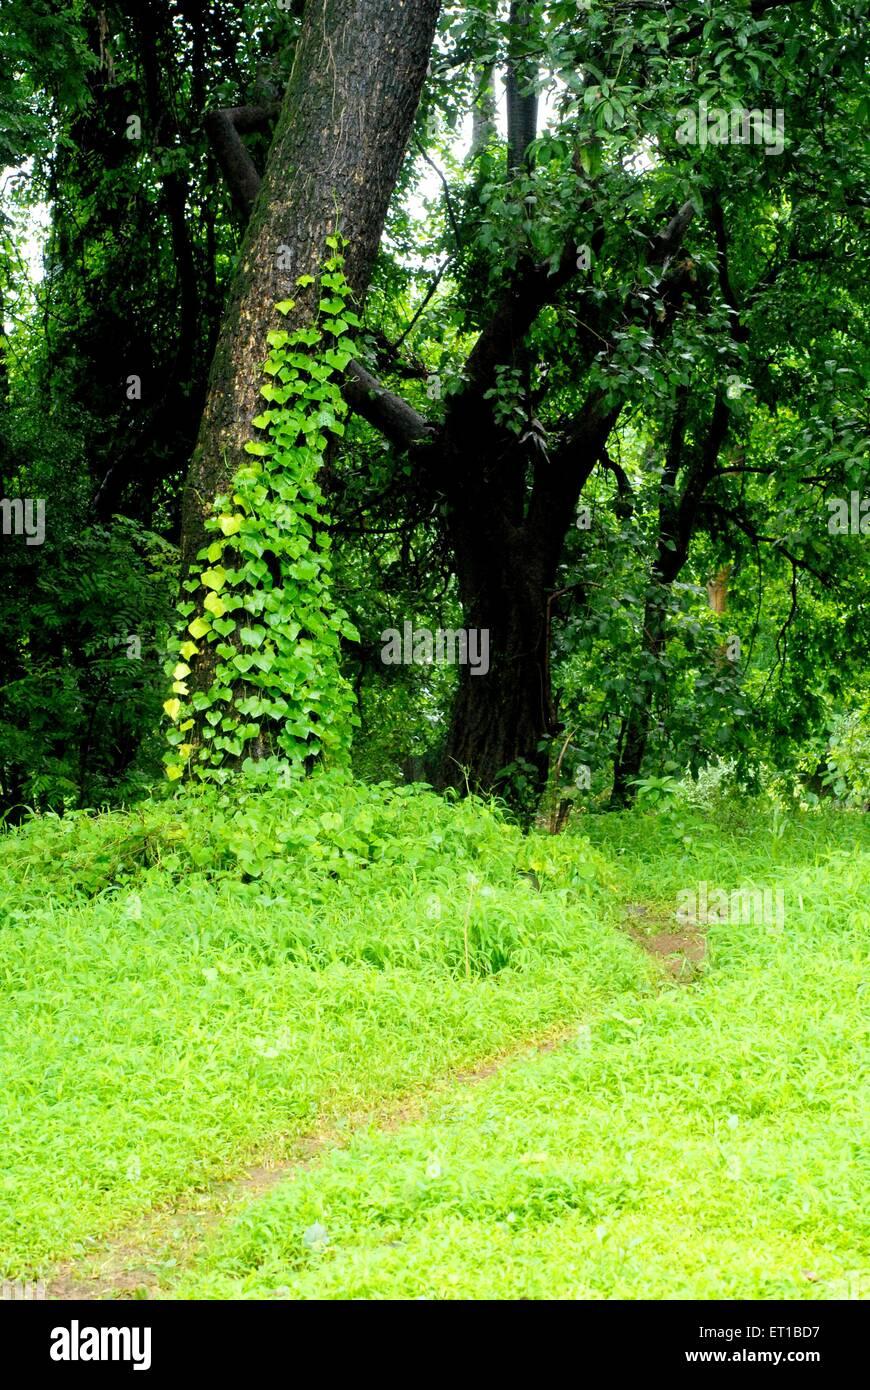 Tree with a creeper at Sanjay Gandhi National Park ; Borivali ; Bombay Mumbai ; Maharashtra ; India - Stock Image